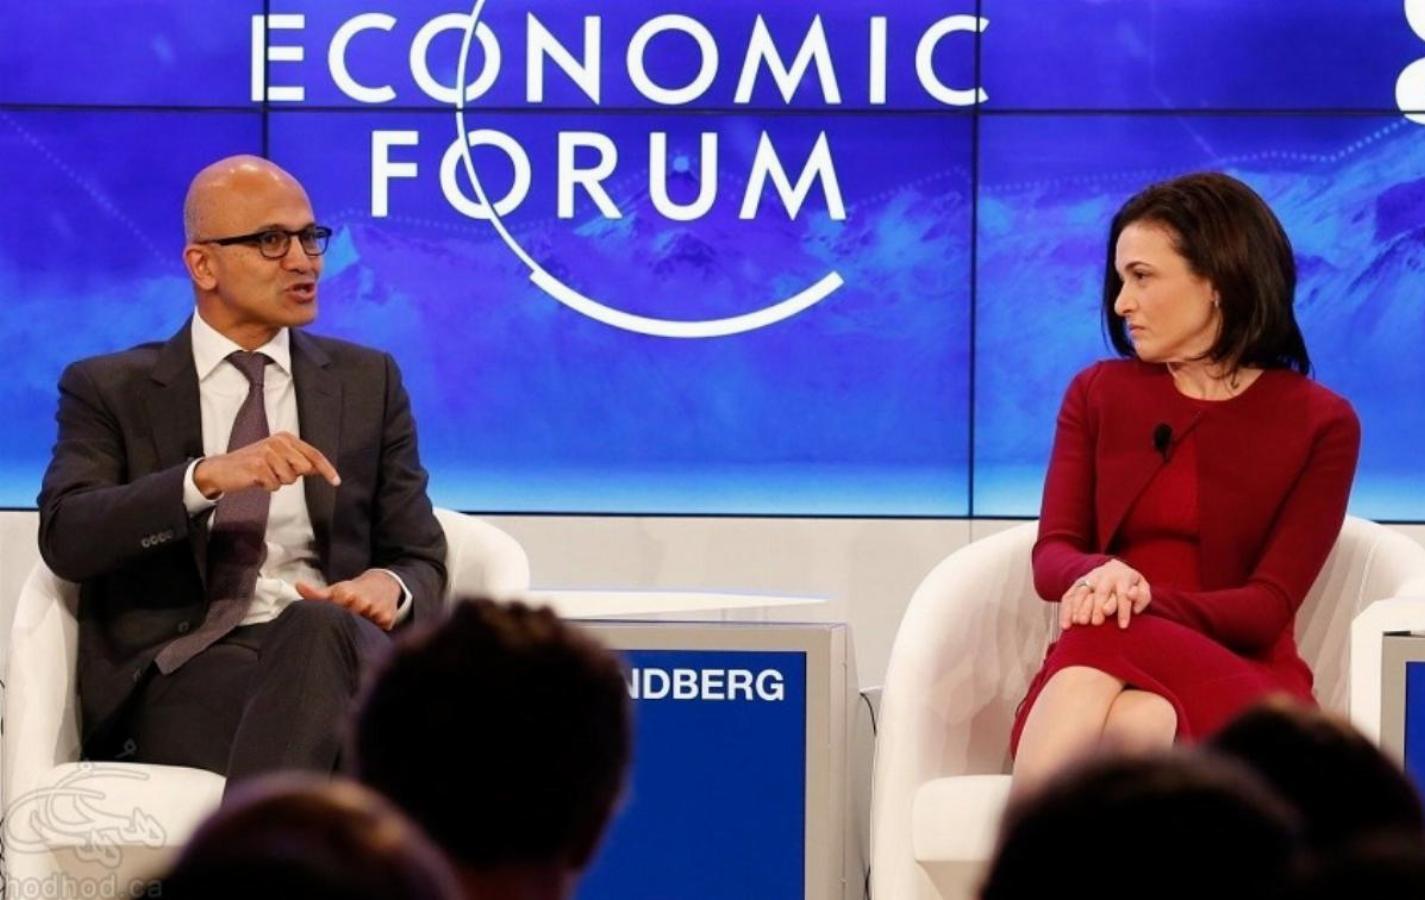 وعده بزرگان فناوری آمریکا مبنی بر از میان بردن اختلاف درآمدی جنسیت ها